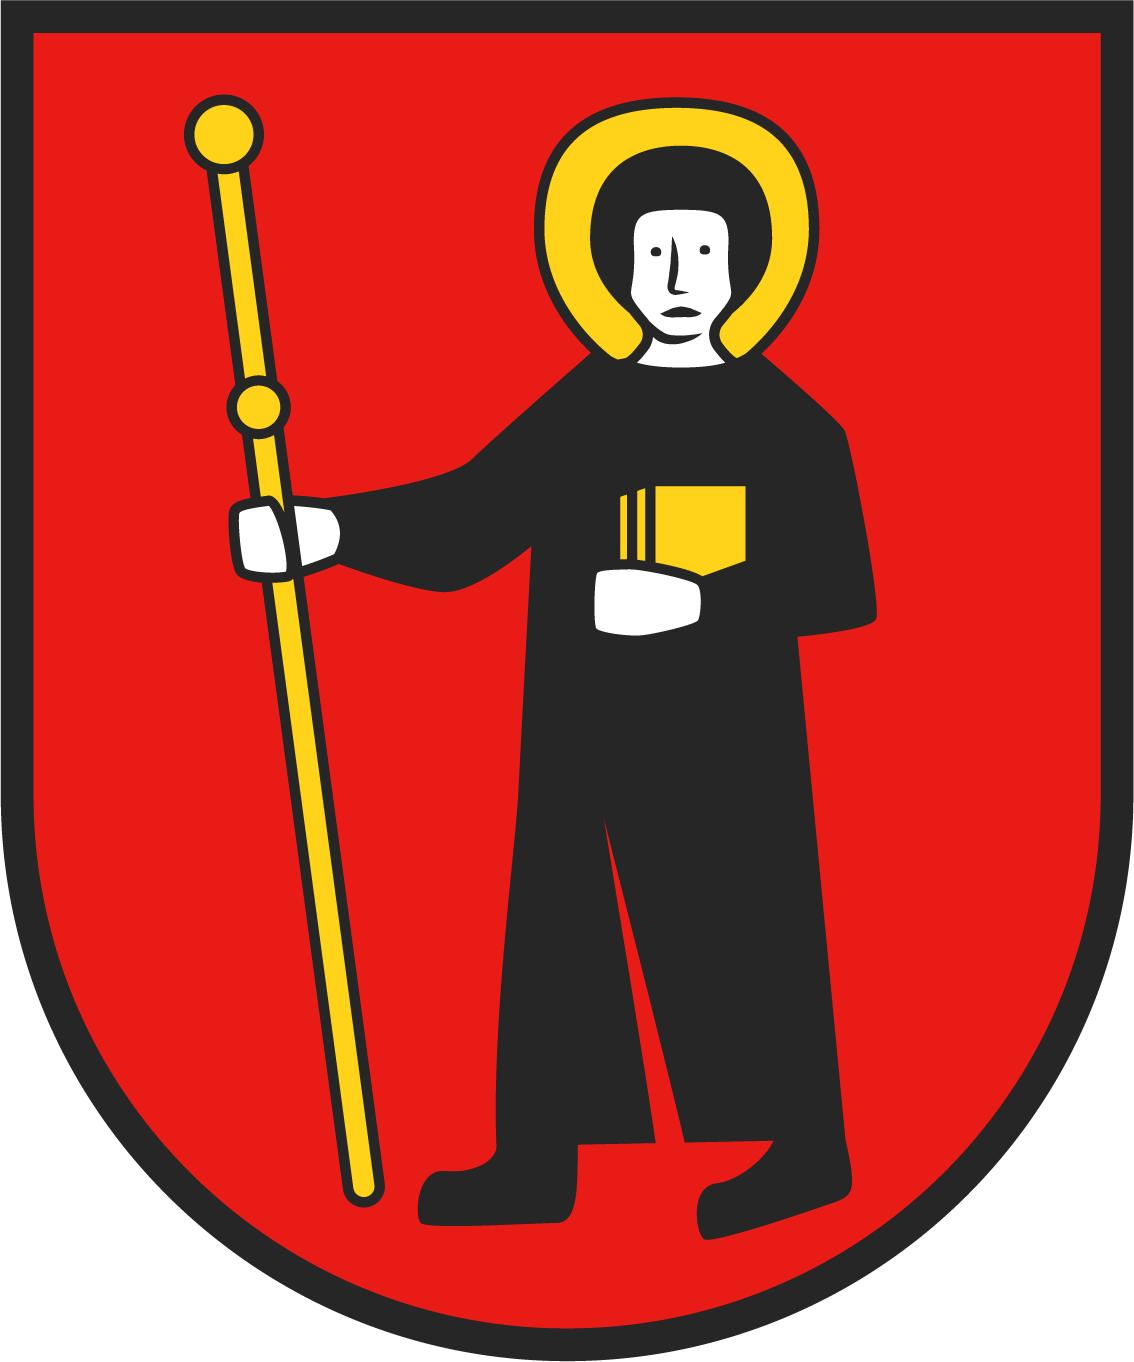 Wappen des Kantons Glarus